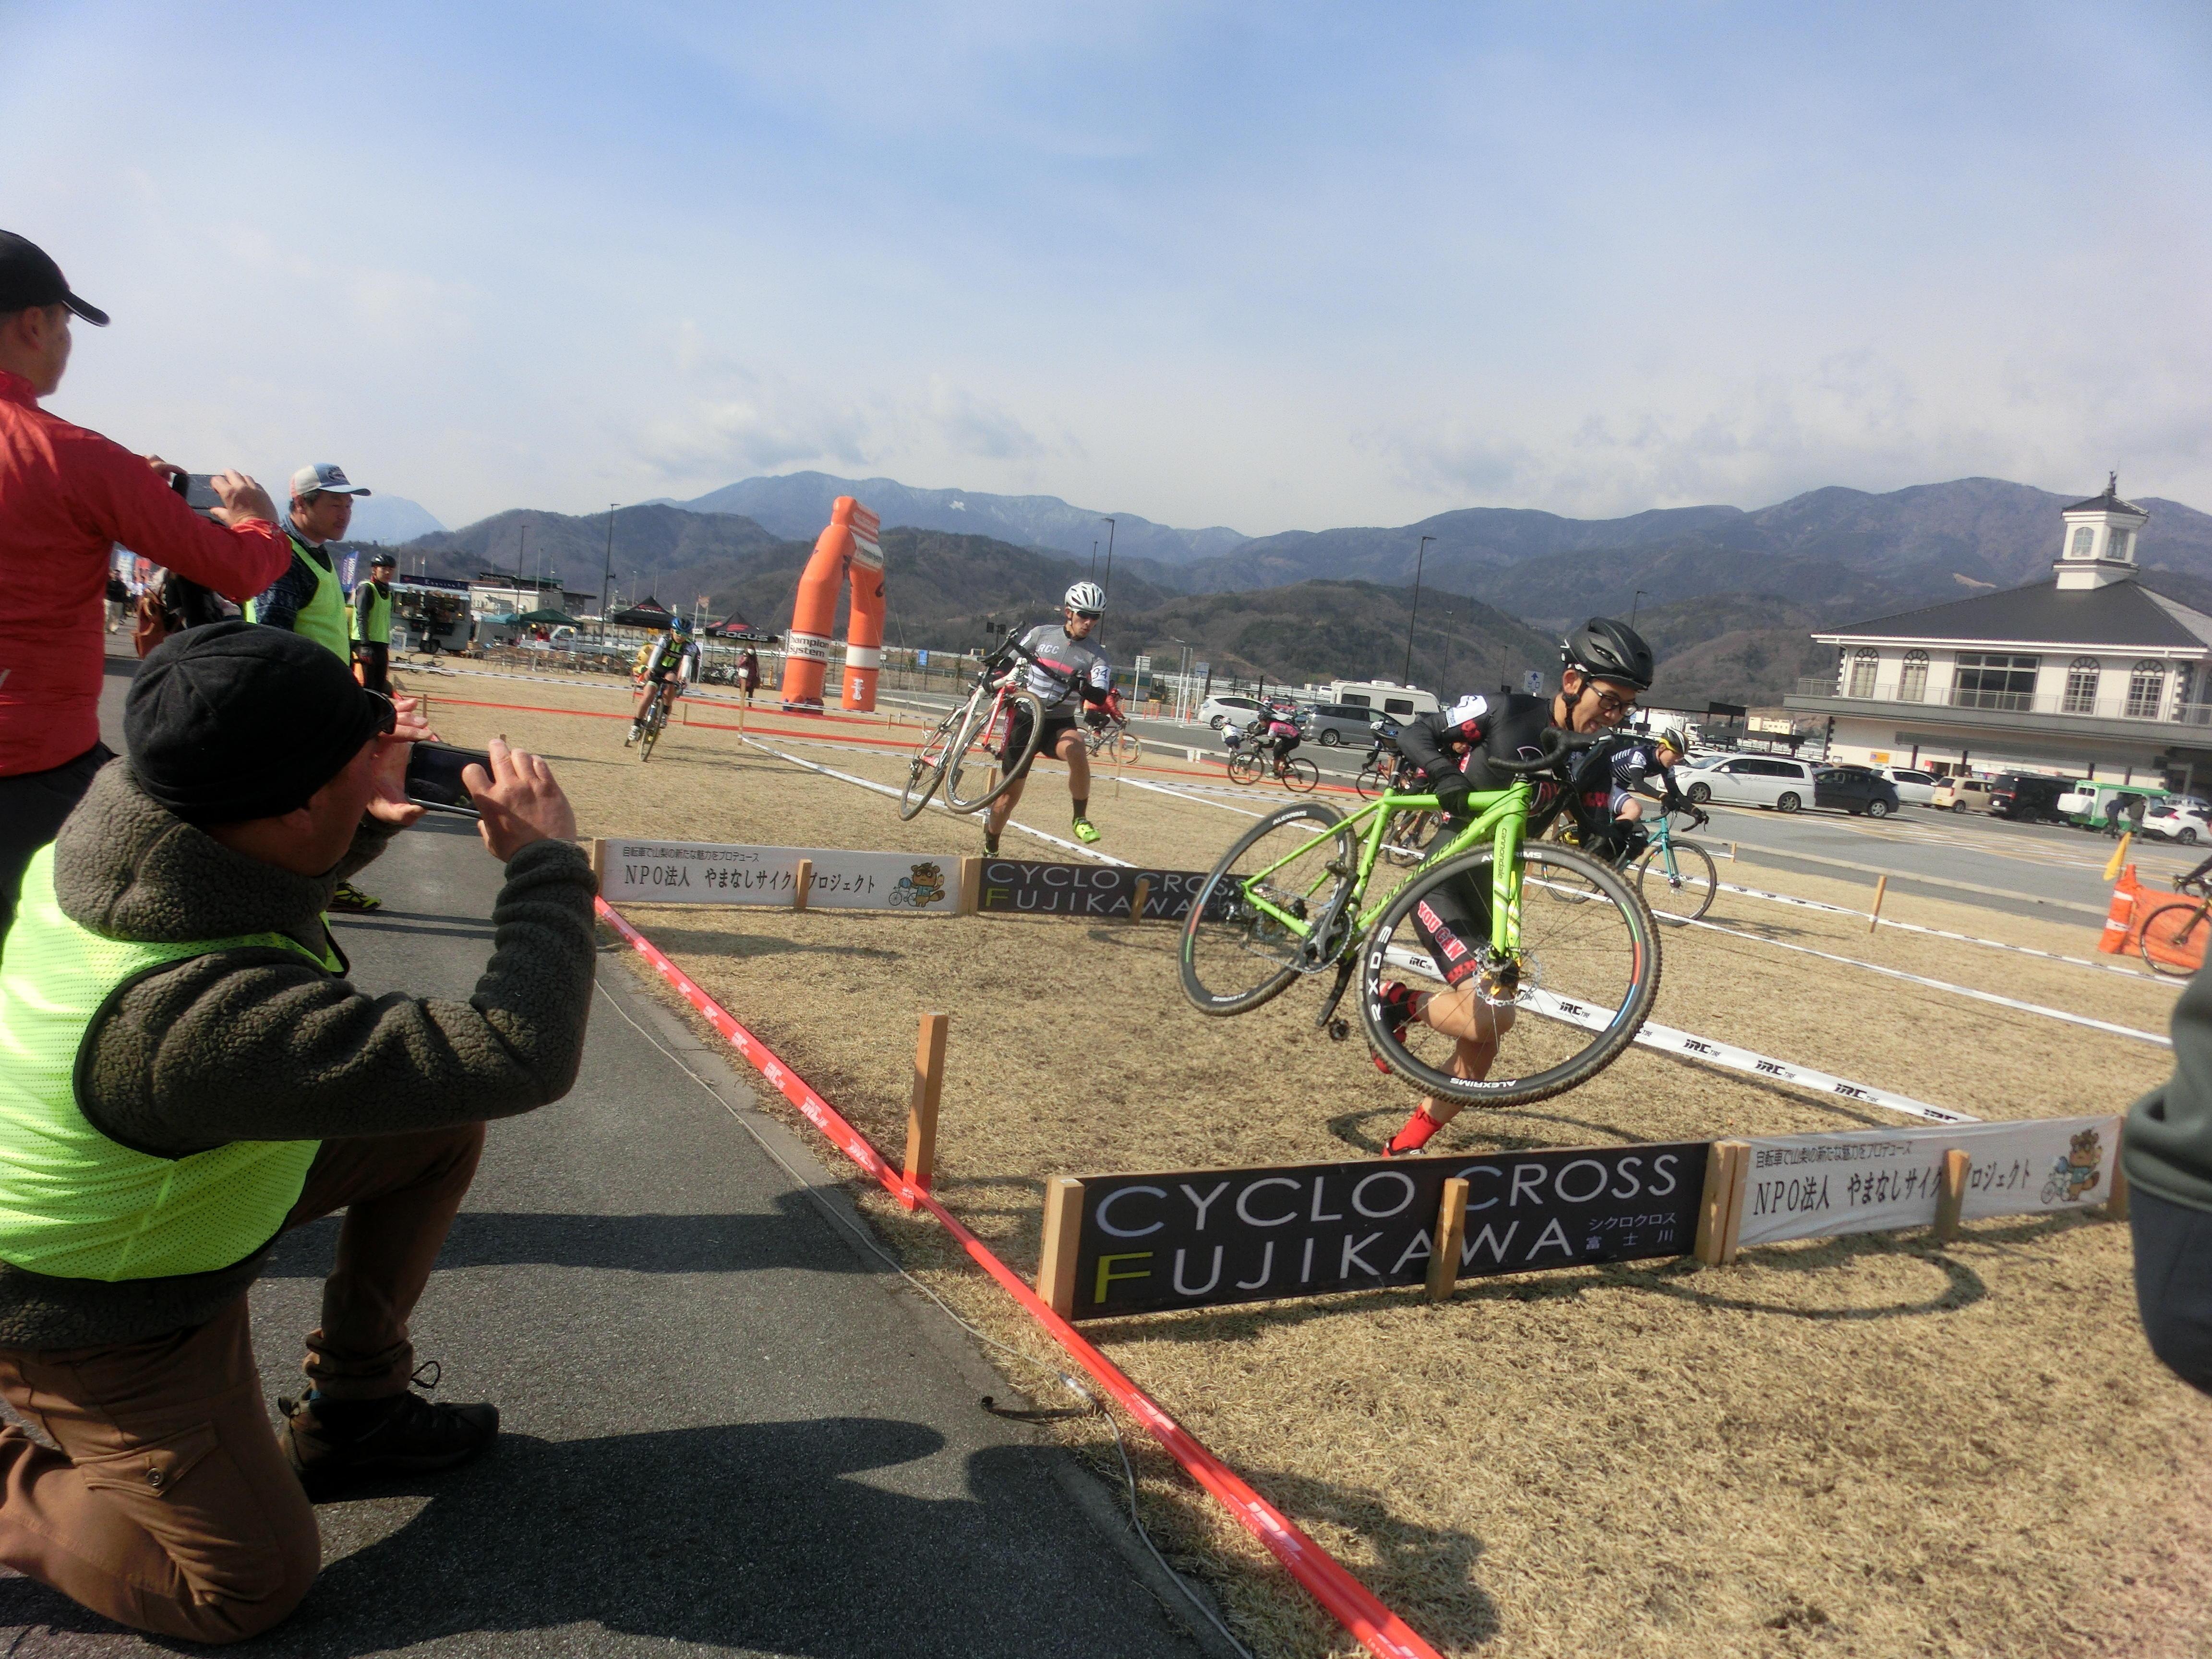 https://www.cyclocross.jp/news/bb5dac24db5c7e66f38e2746d83eb481cfd91b55.JPG